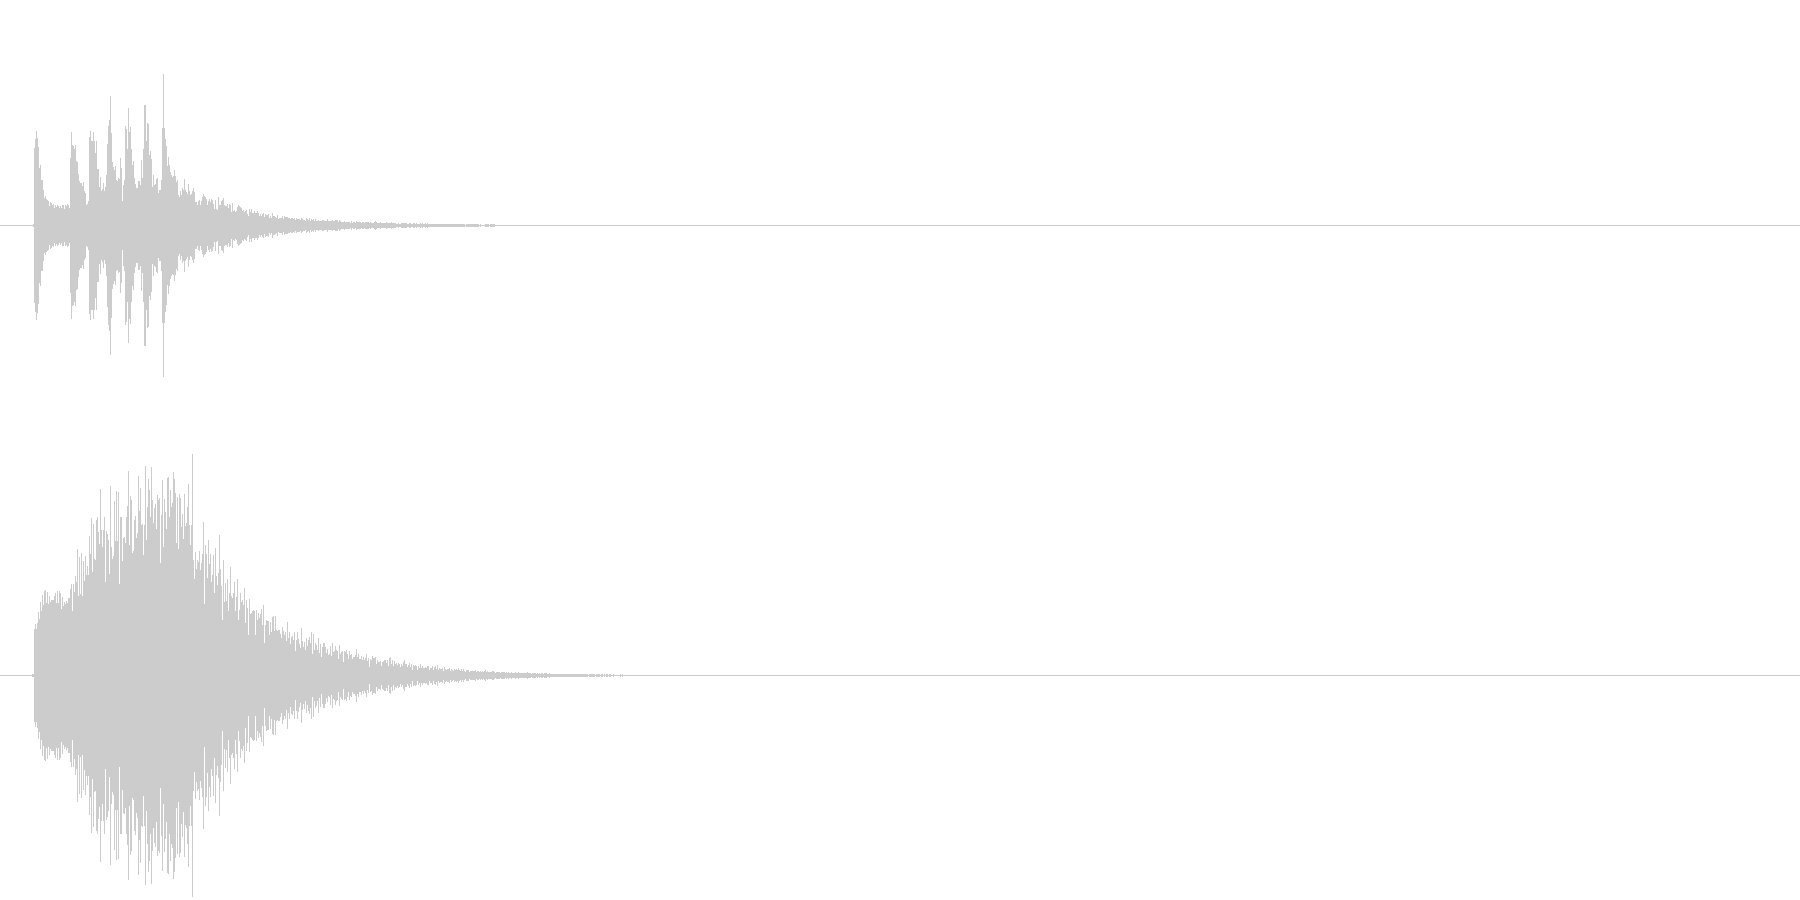 スマホアプリ等で使えるキラキラSE イ…の未再生の波形